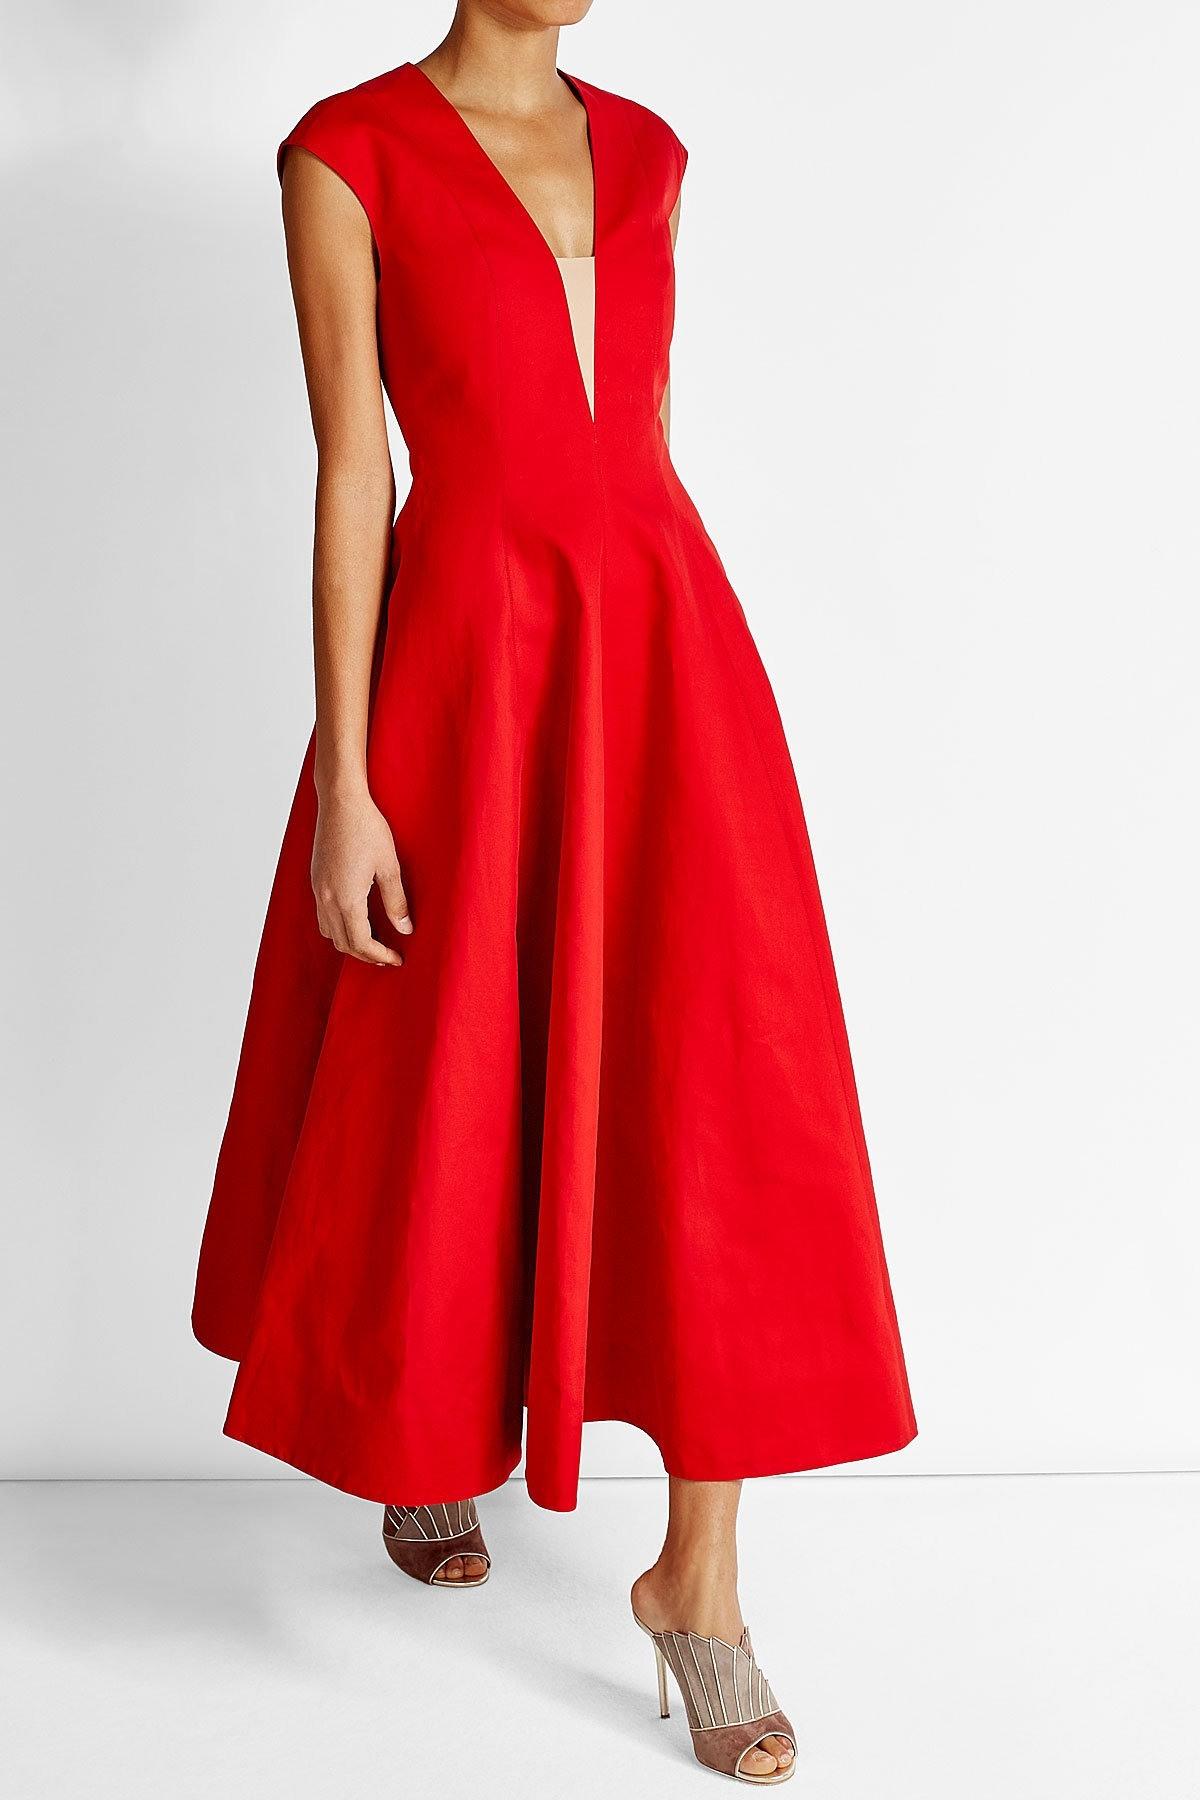 Abend Wunderbar Kleid Mit Glockenrock Design20 Einzigartig Kleid Mit Glockenrock Bester Preis